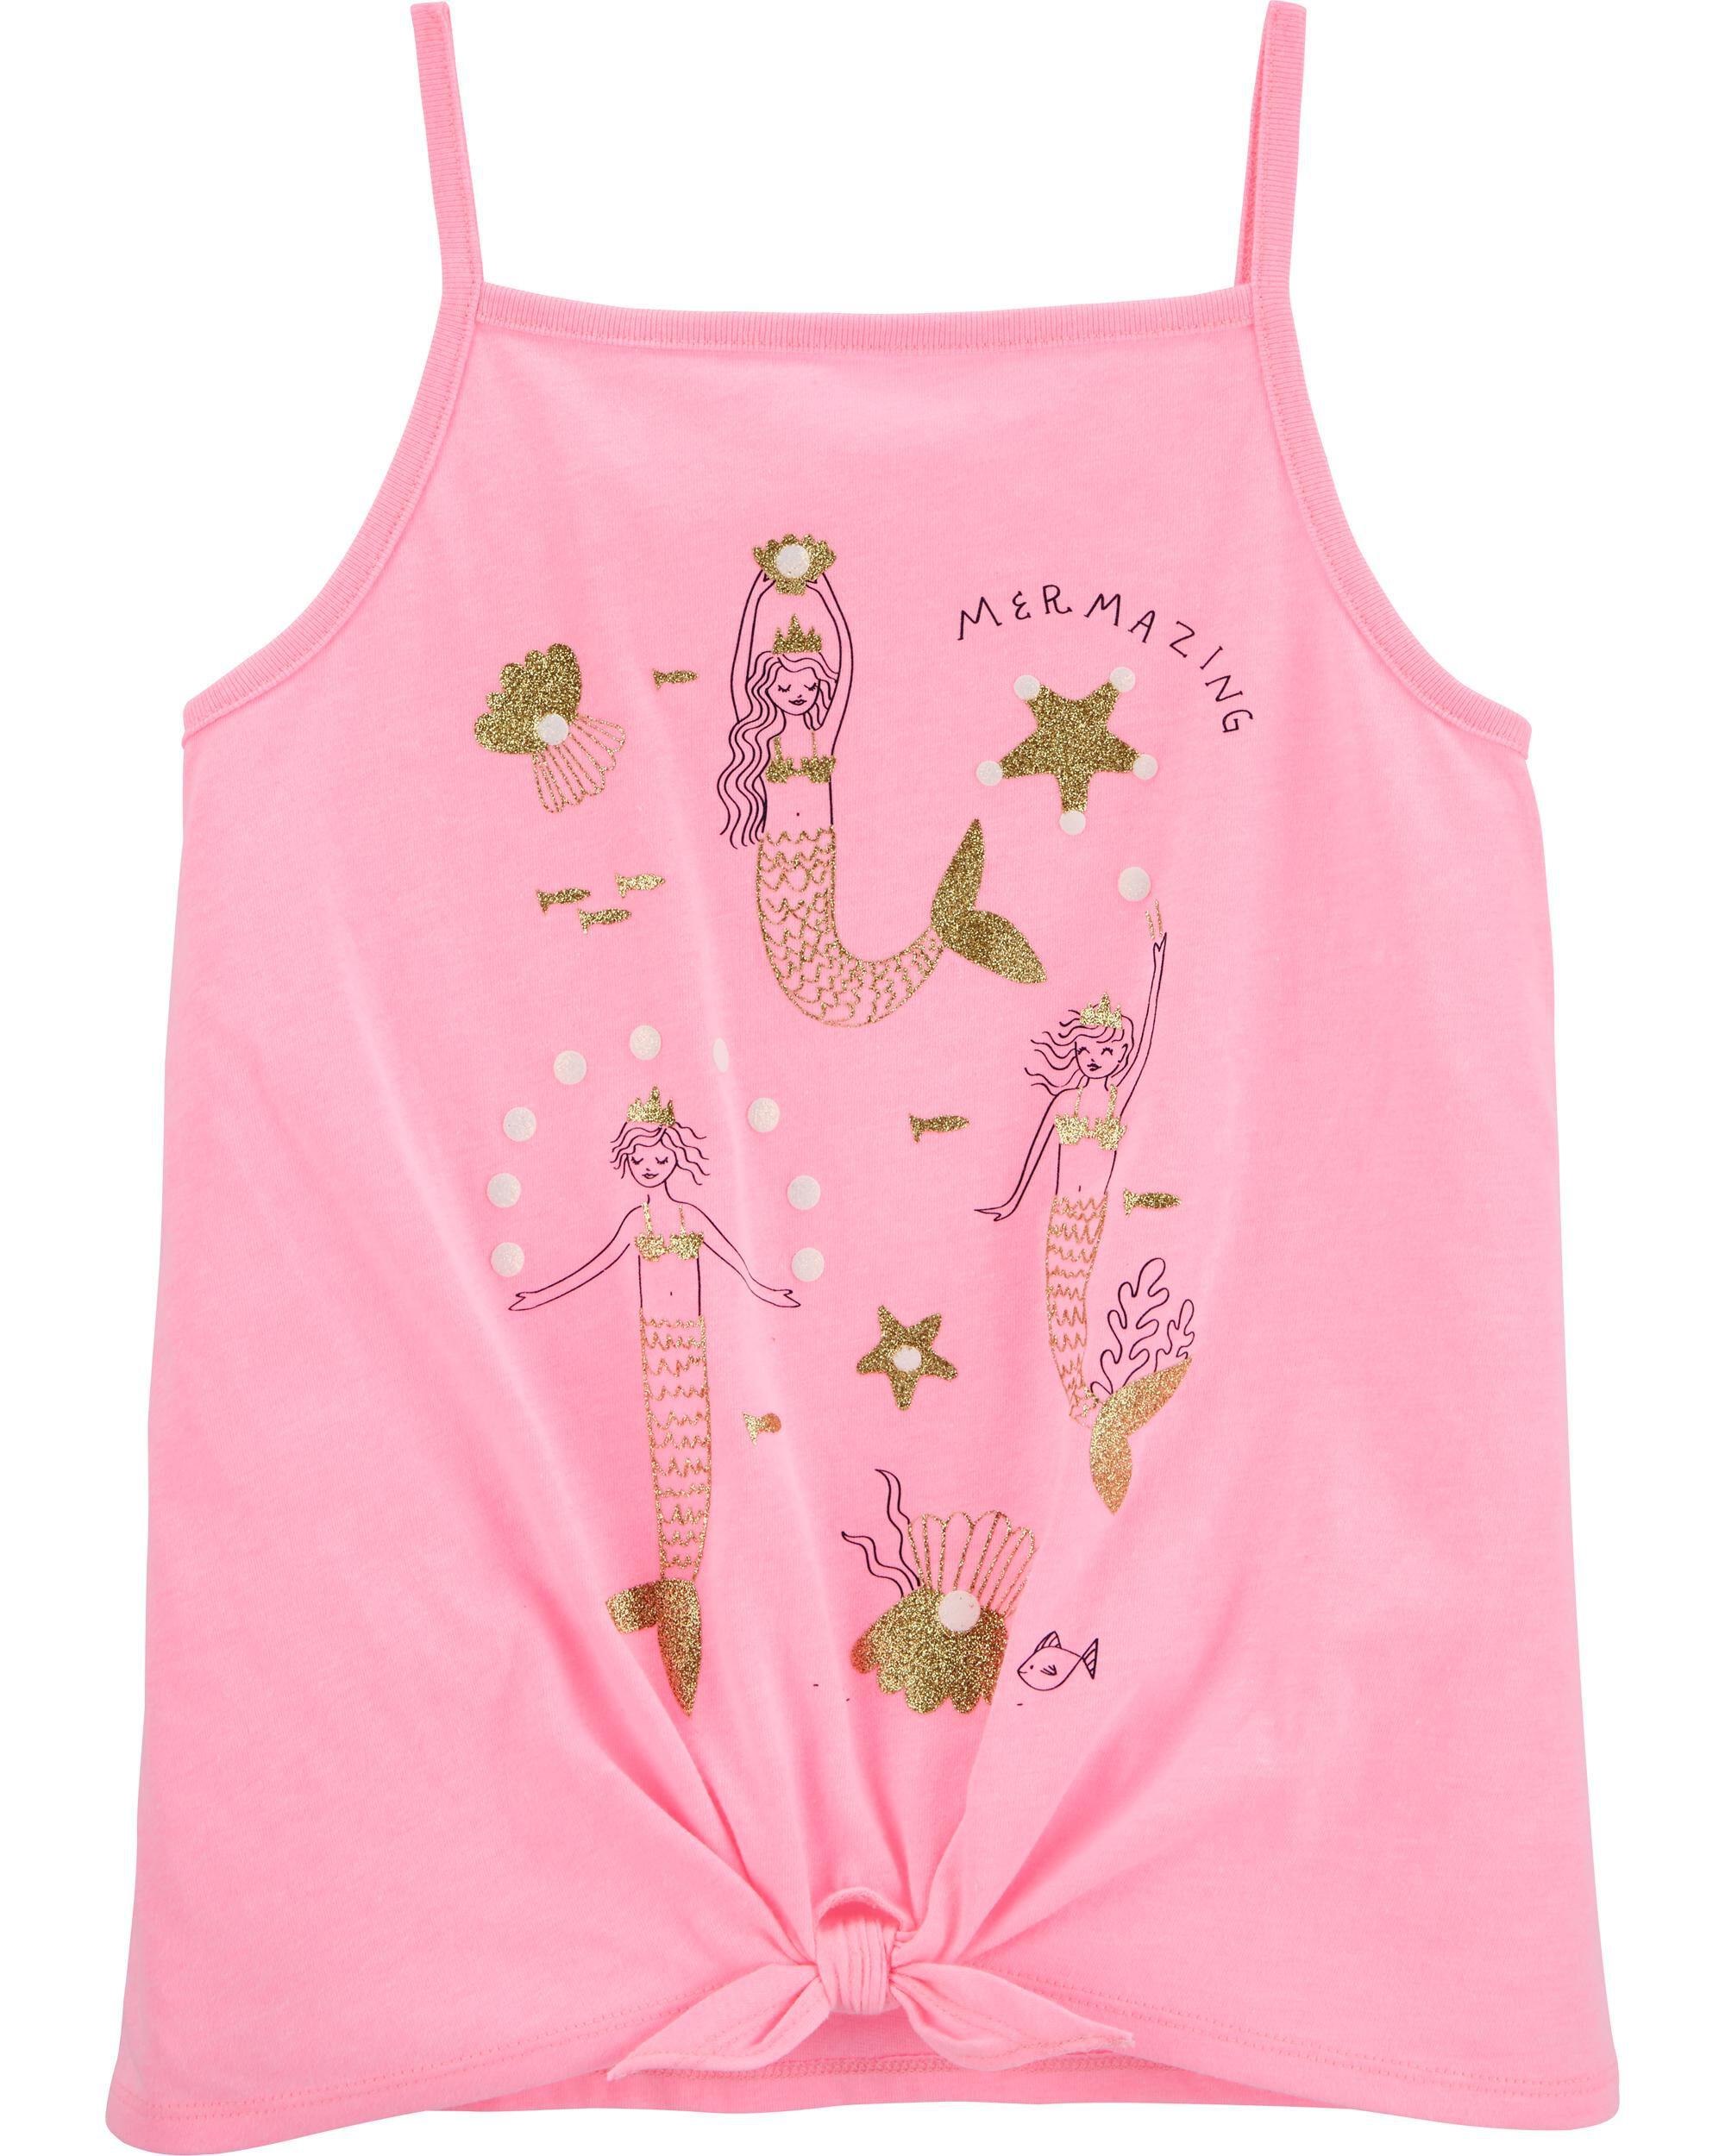 NEW Girls Tank Top Size Medium 7-8 Green High-Low Shirt Love Summer Front Tie